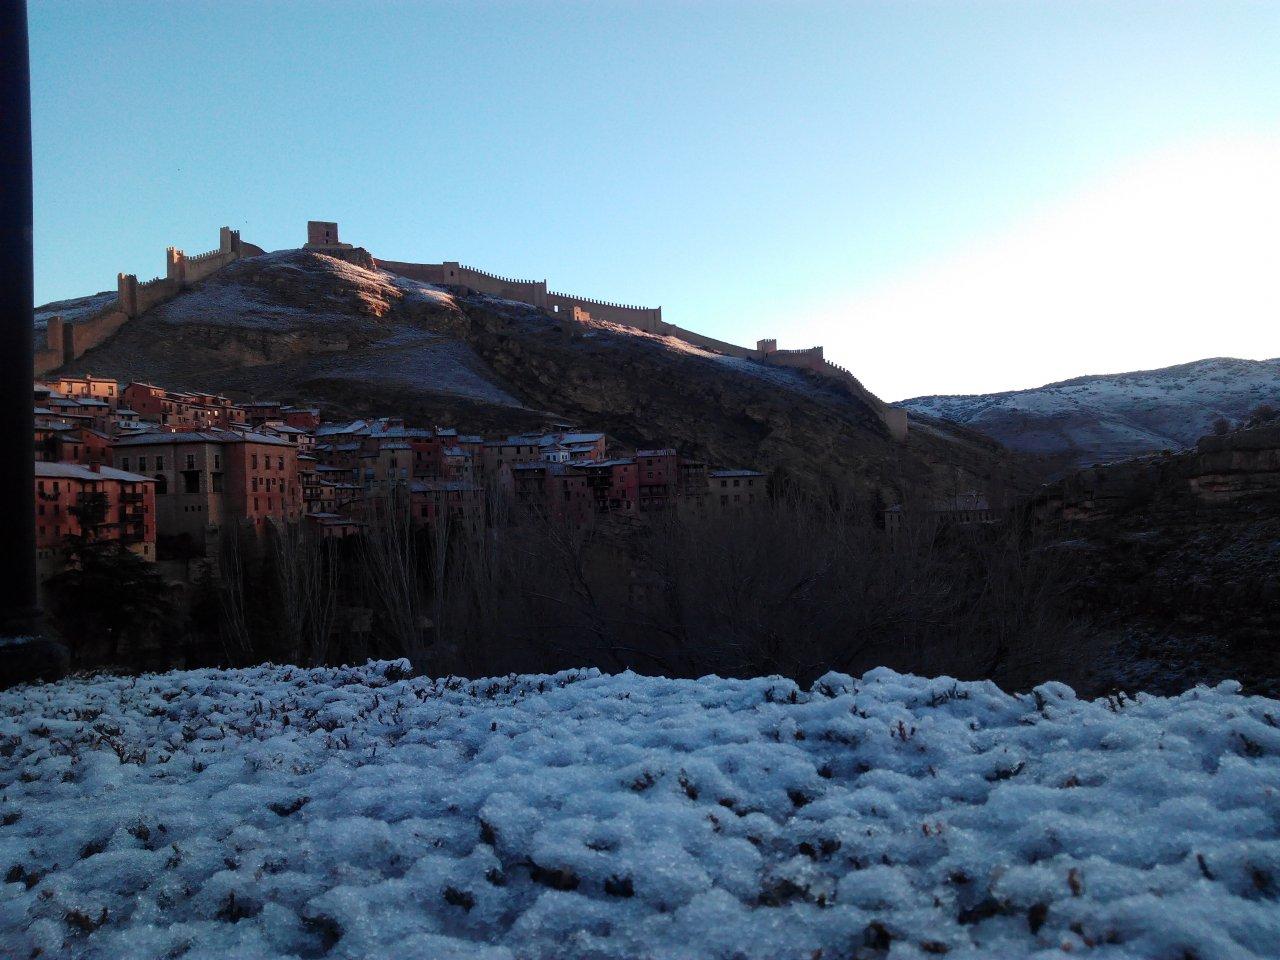 #FelizViernes #Albarracin precioso para #VisitaGuiada con #AndadorVisitasGuiadas